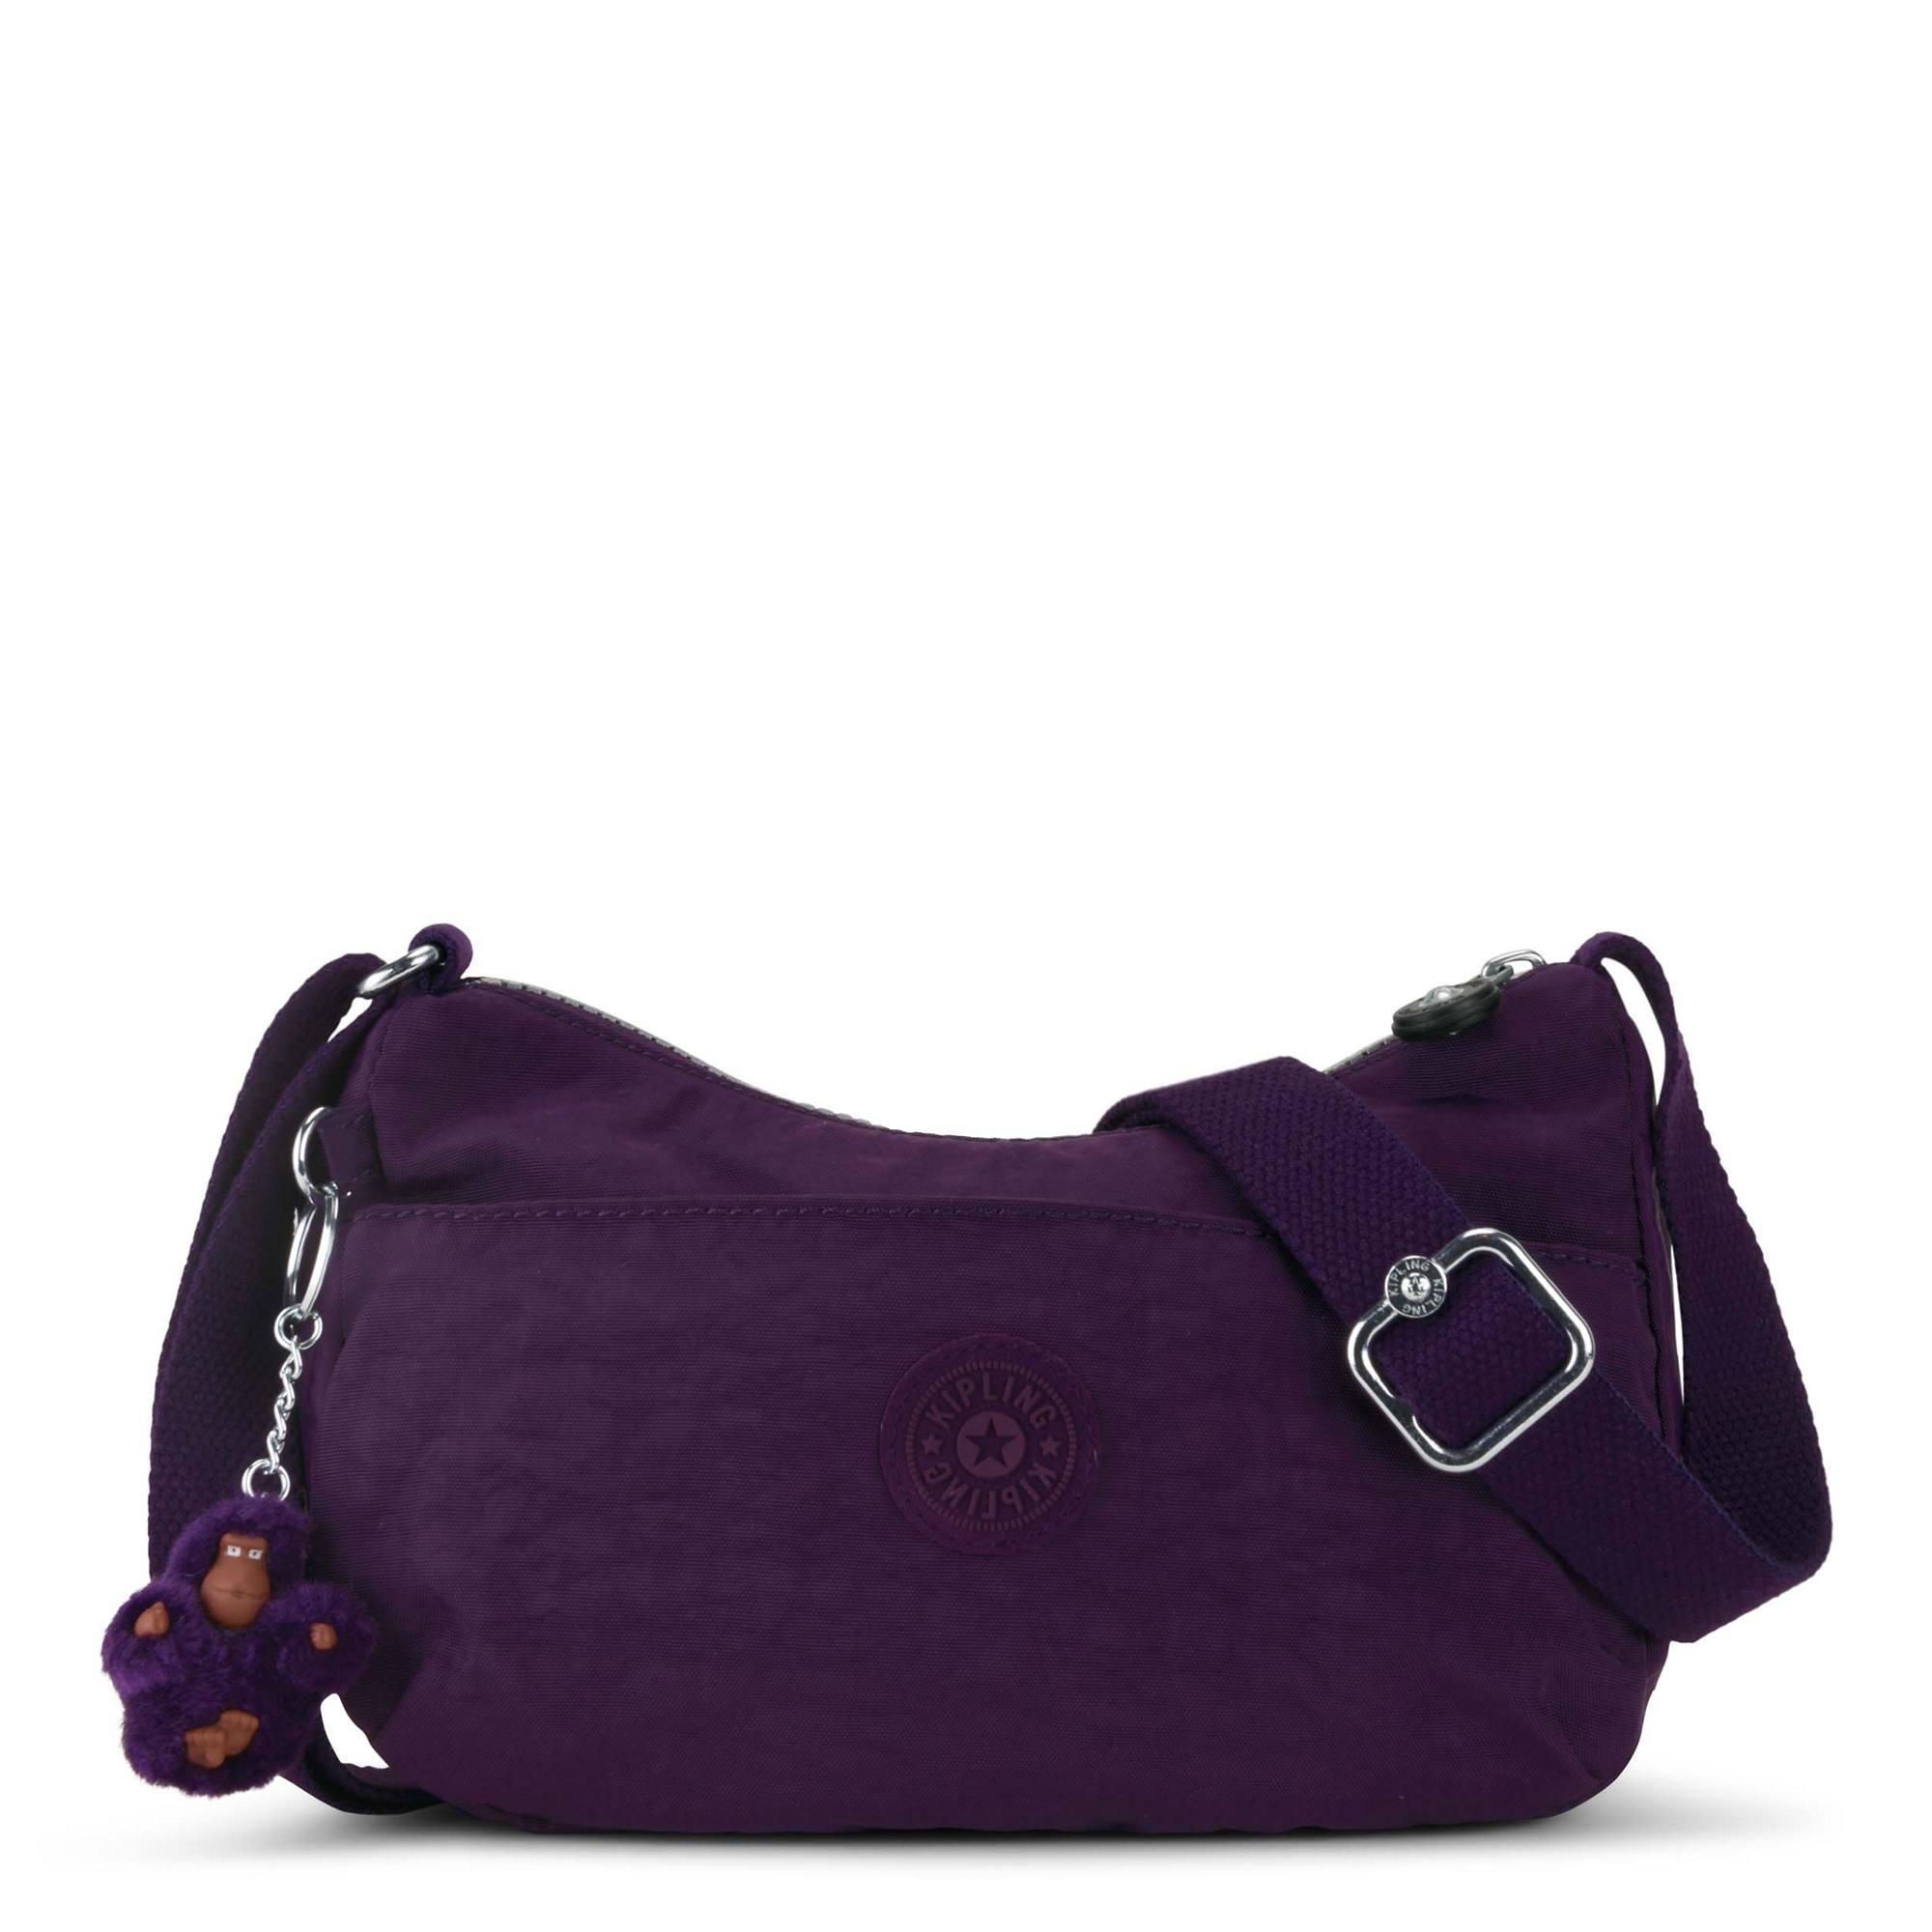 Adley Mini Bag Deep Purple Large